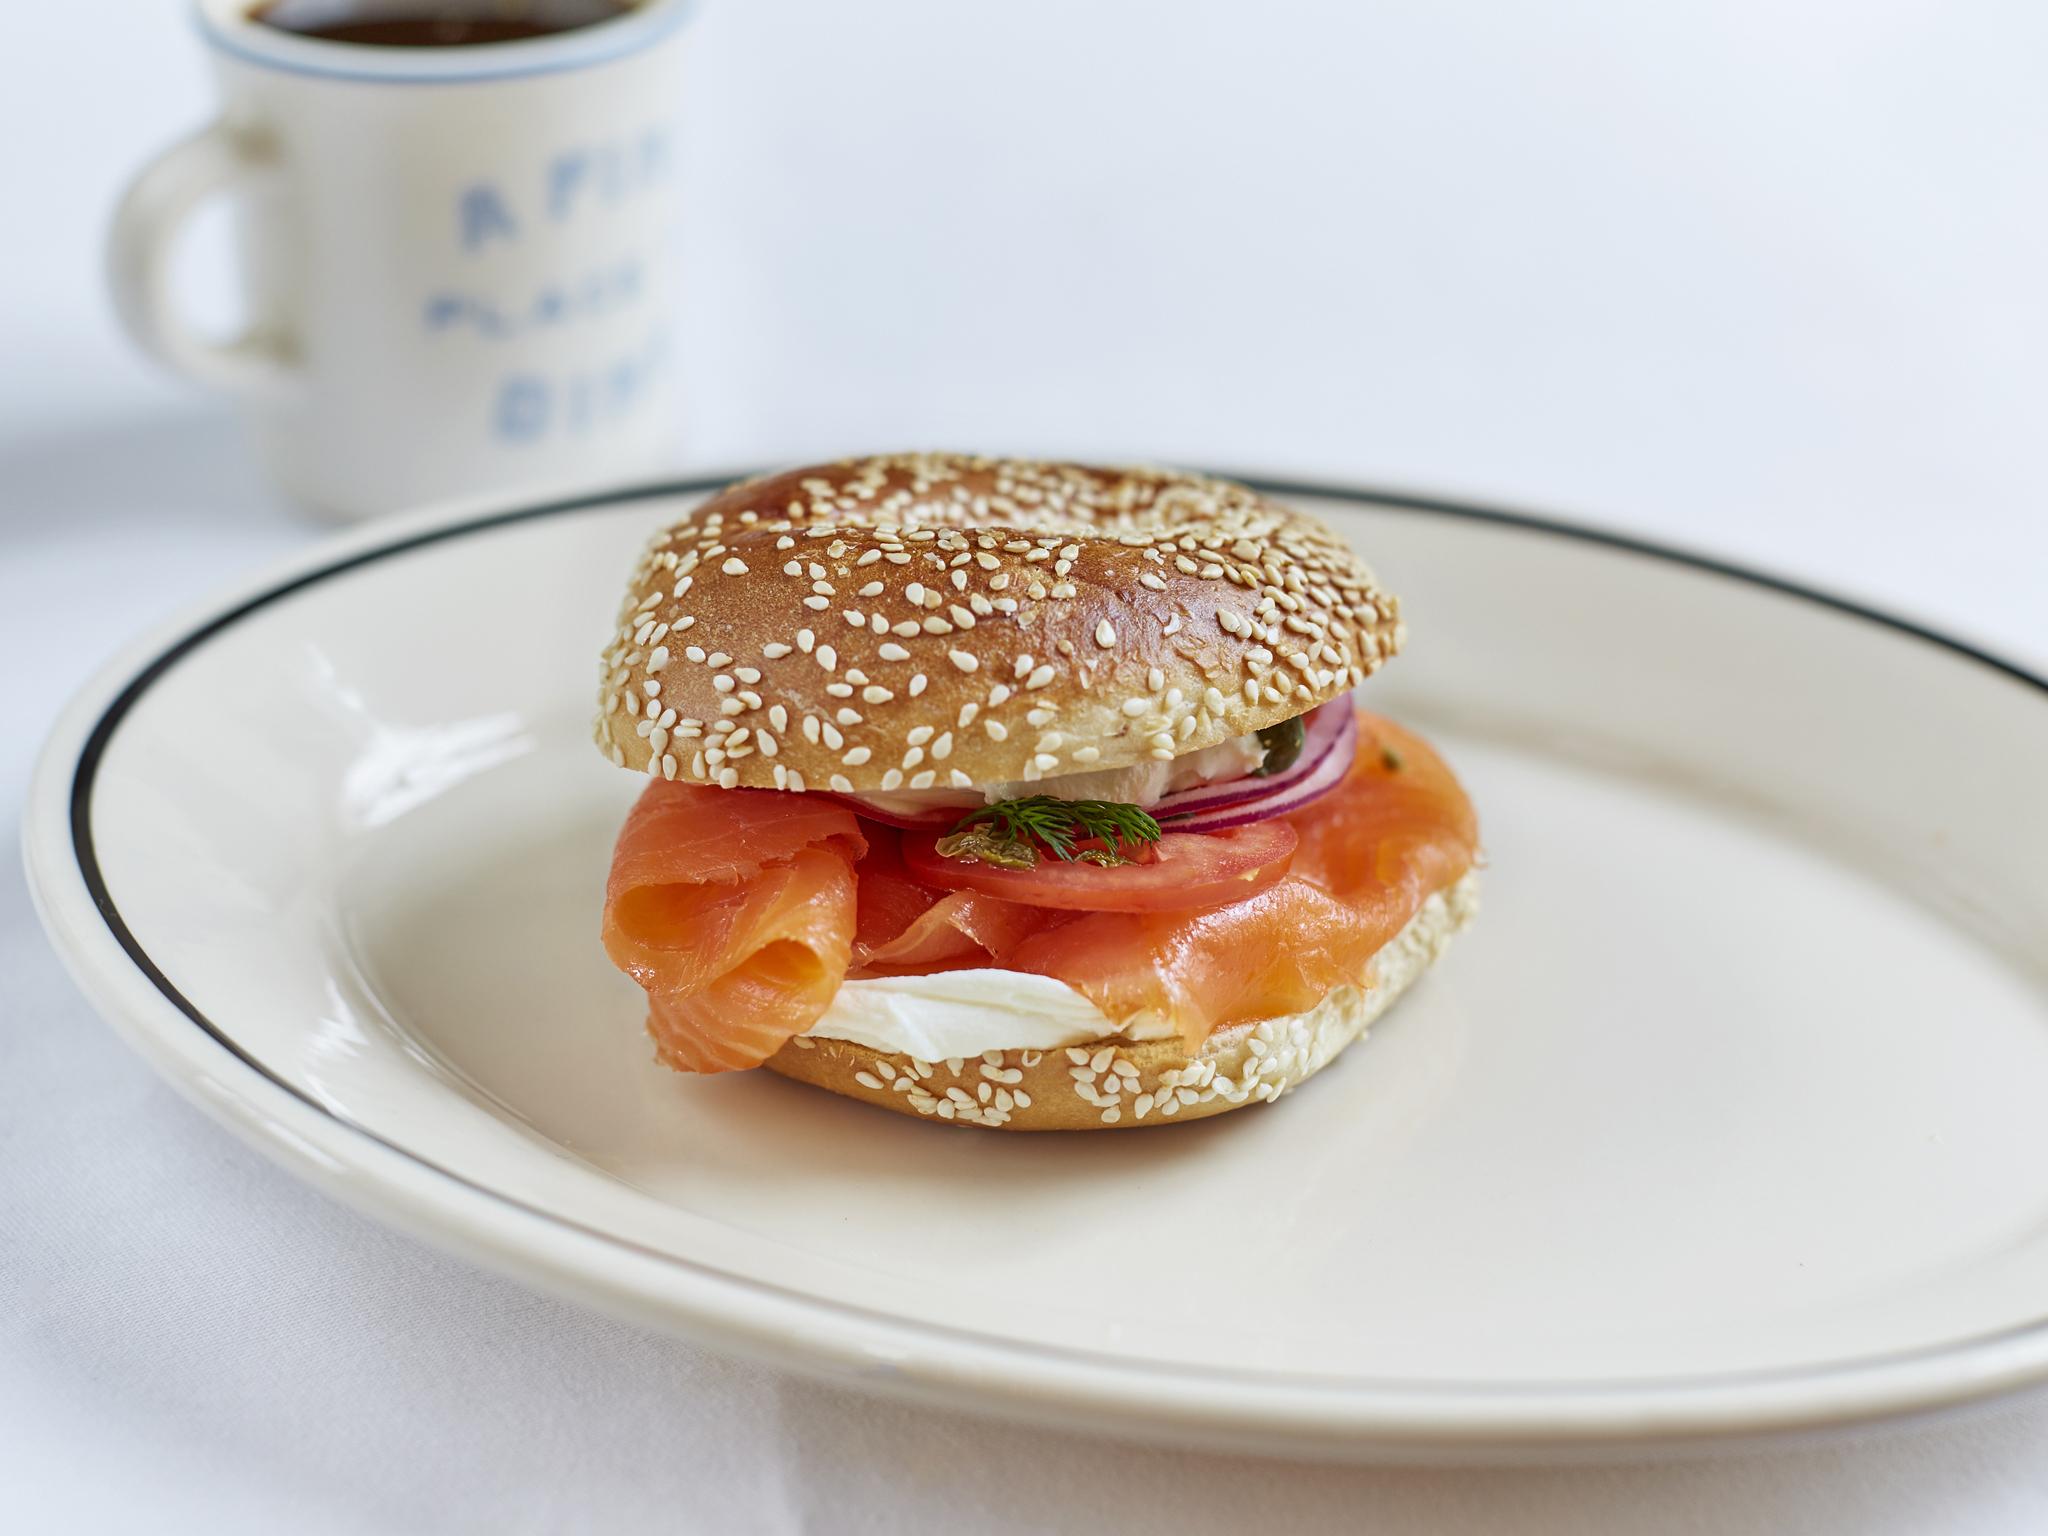 london's best bagels zobler's deli